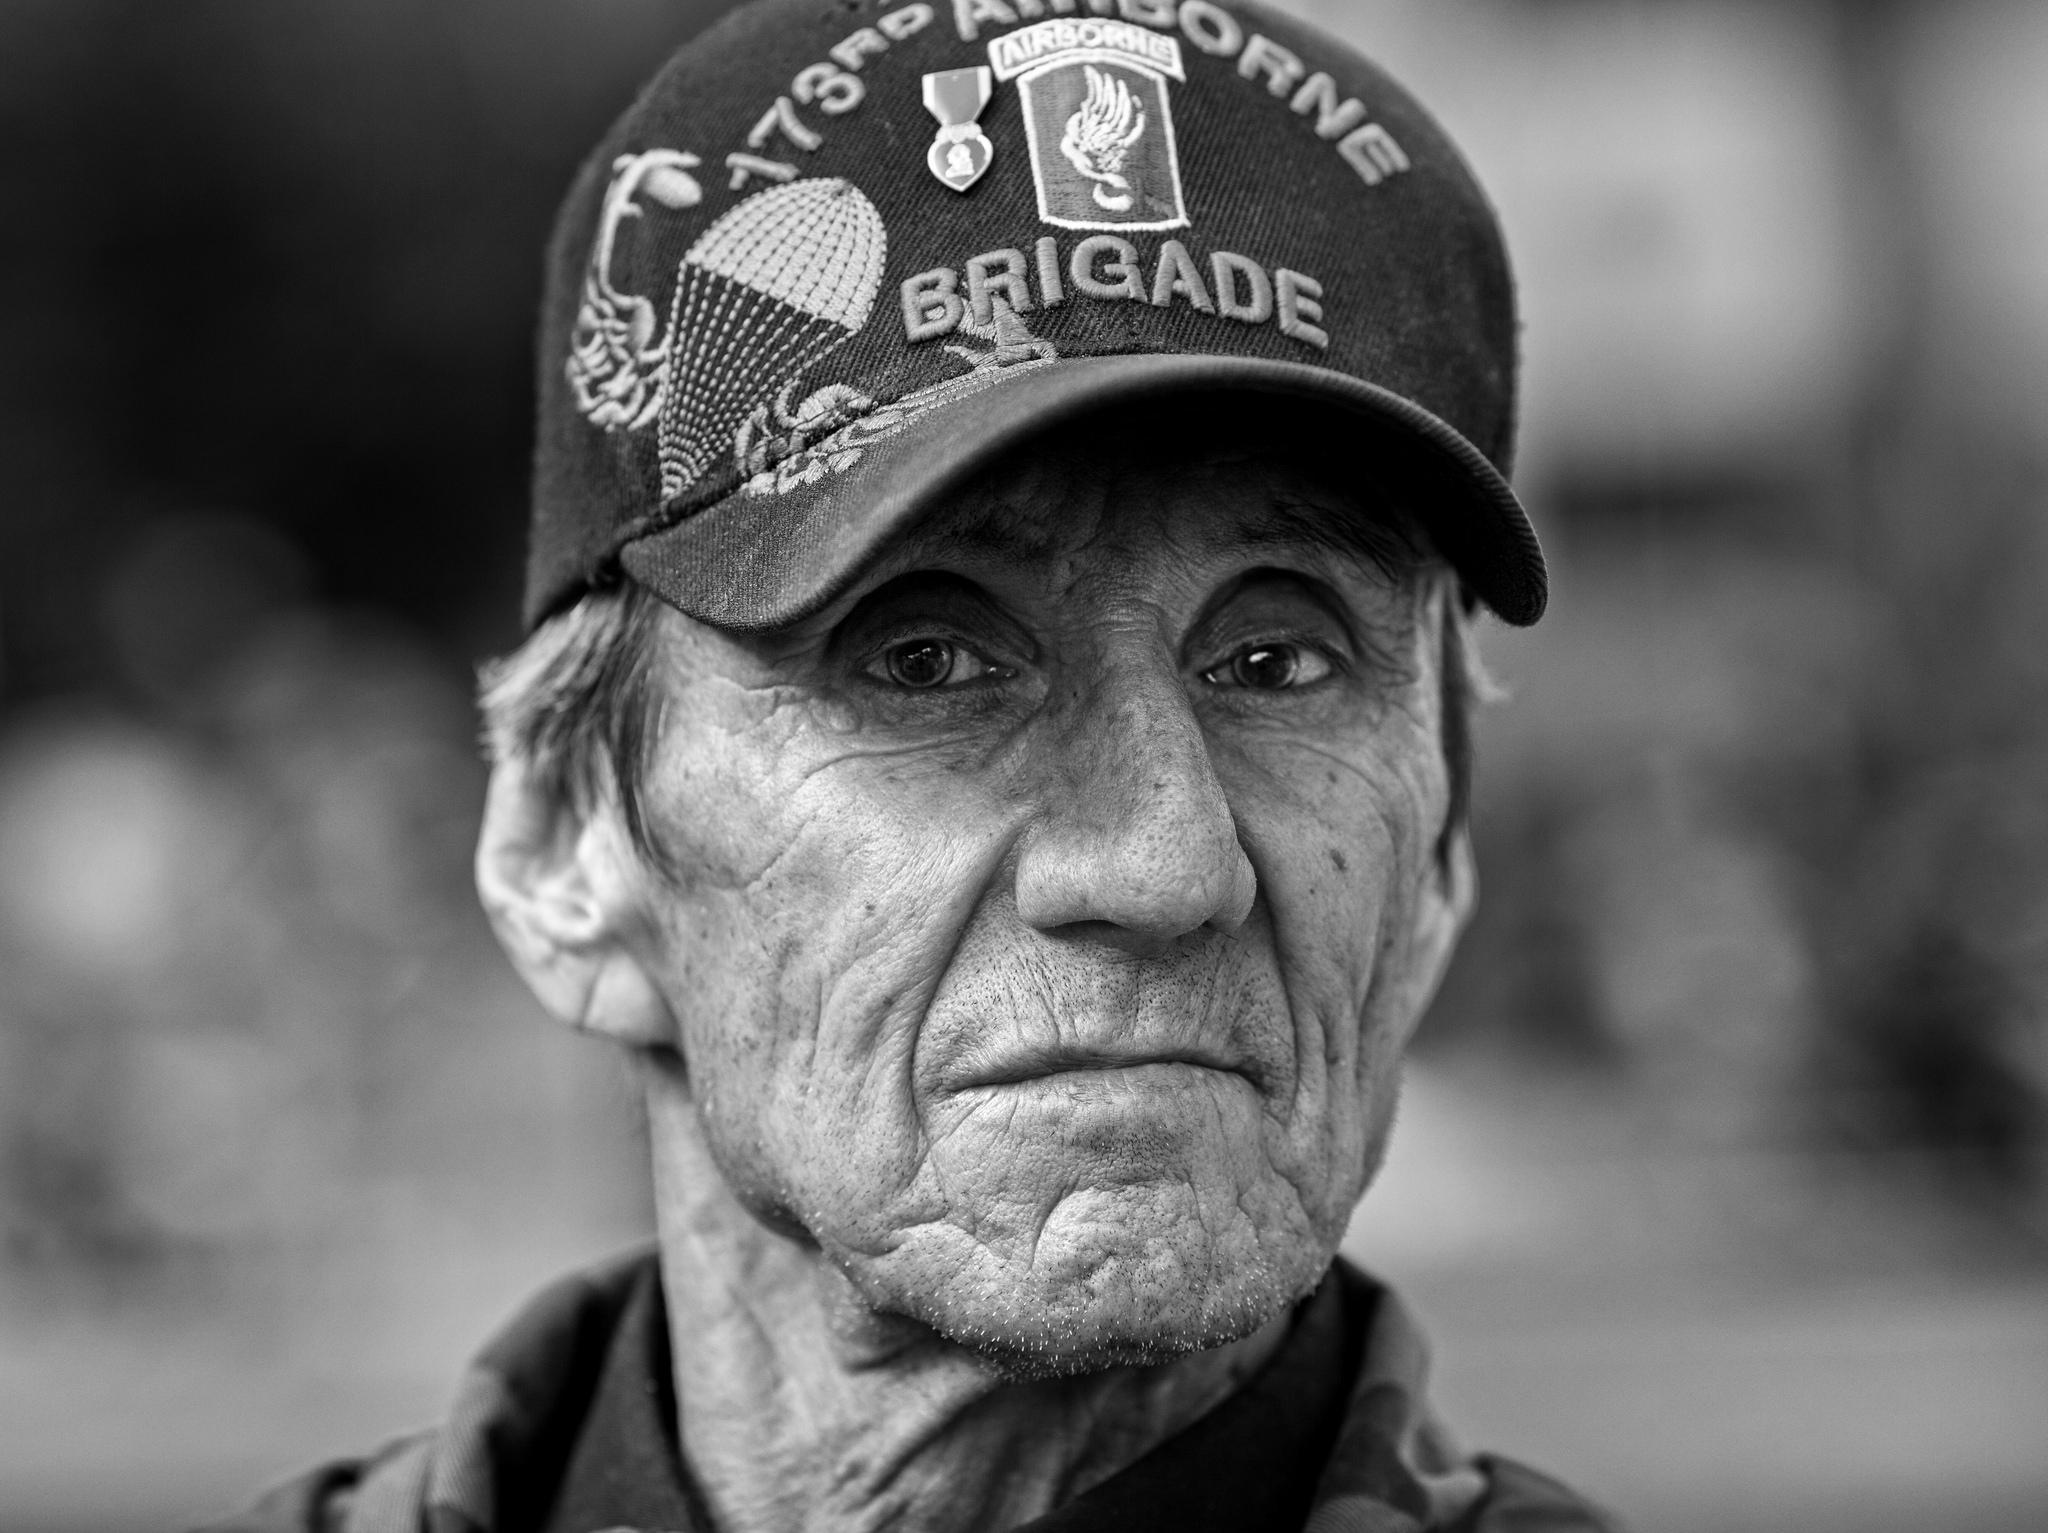 173rd Airborne Brigade Veteran